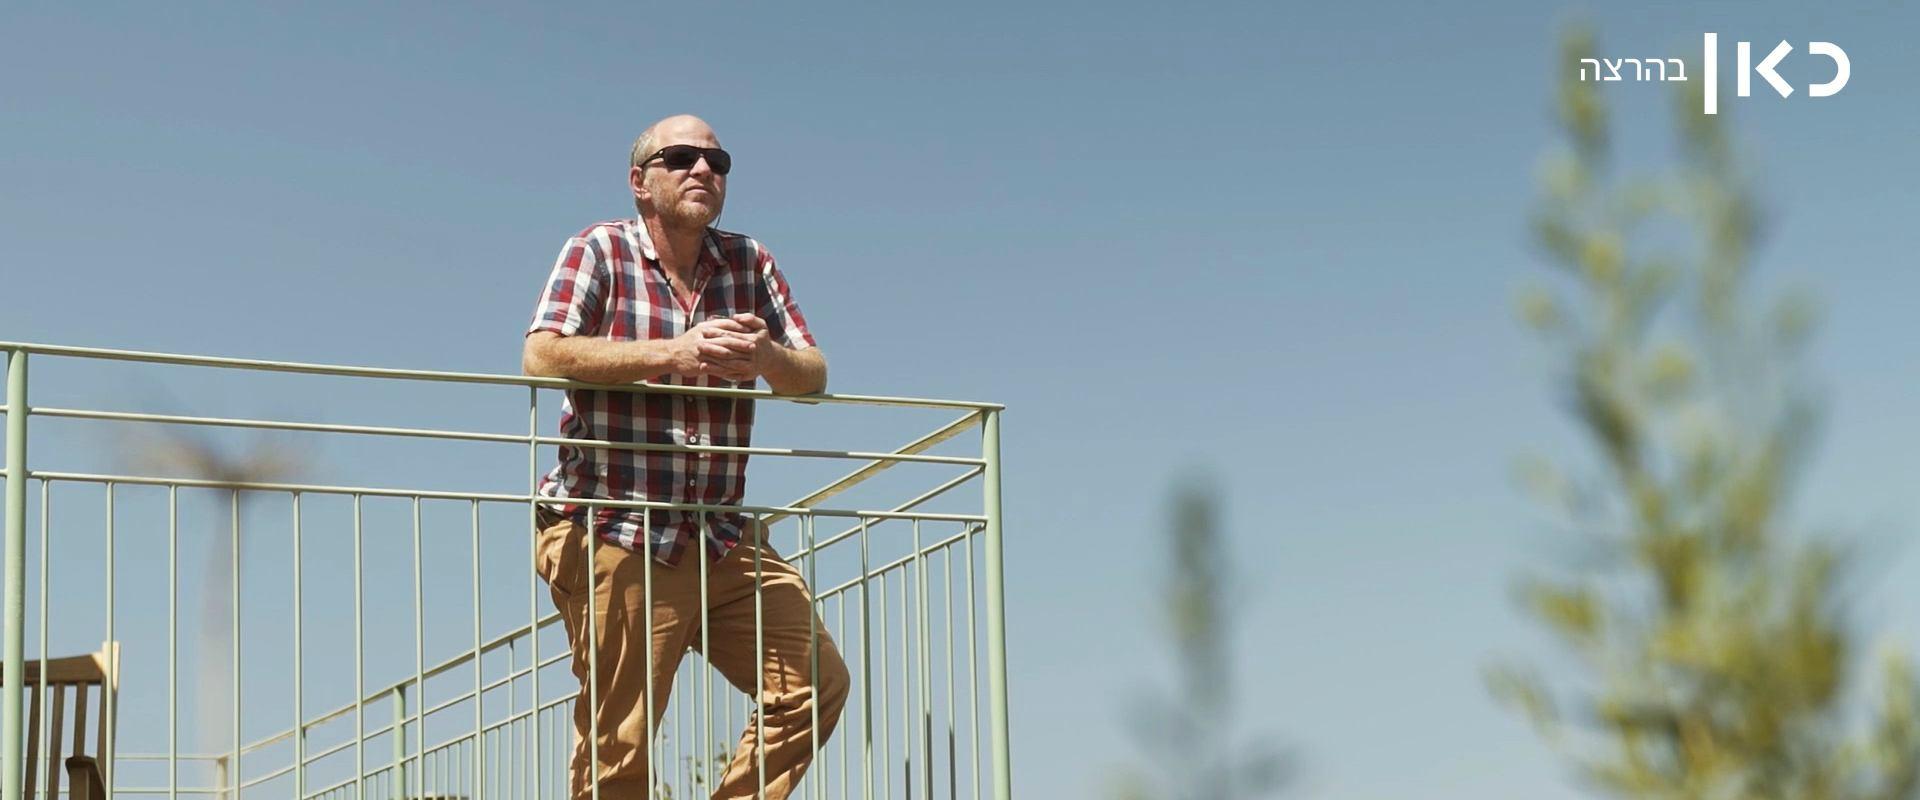 גידי קלמן בביתו בשדה בועז, מתוך הסדרה